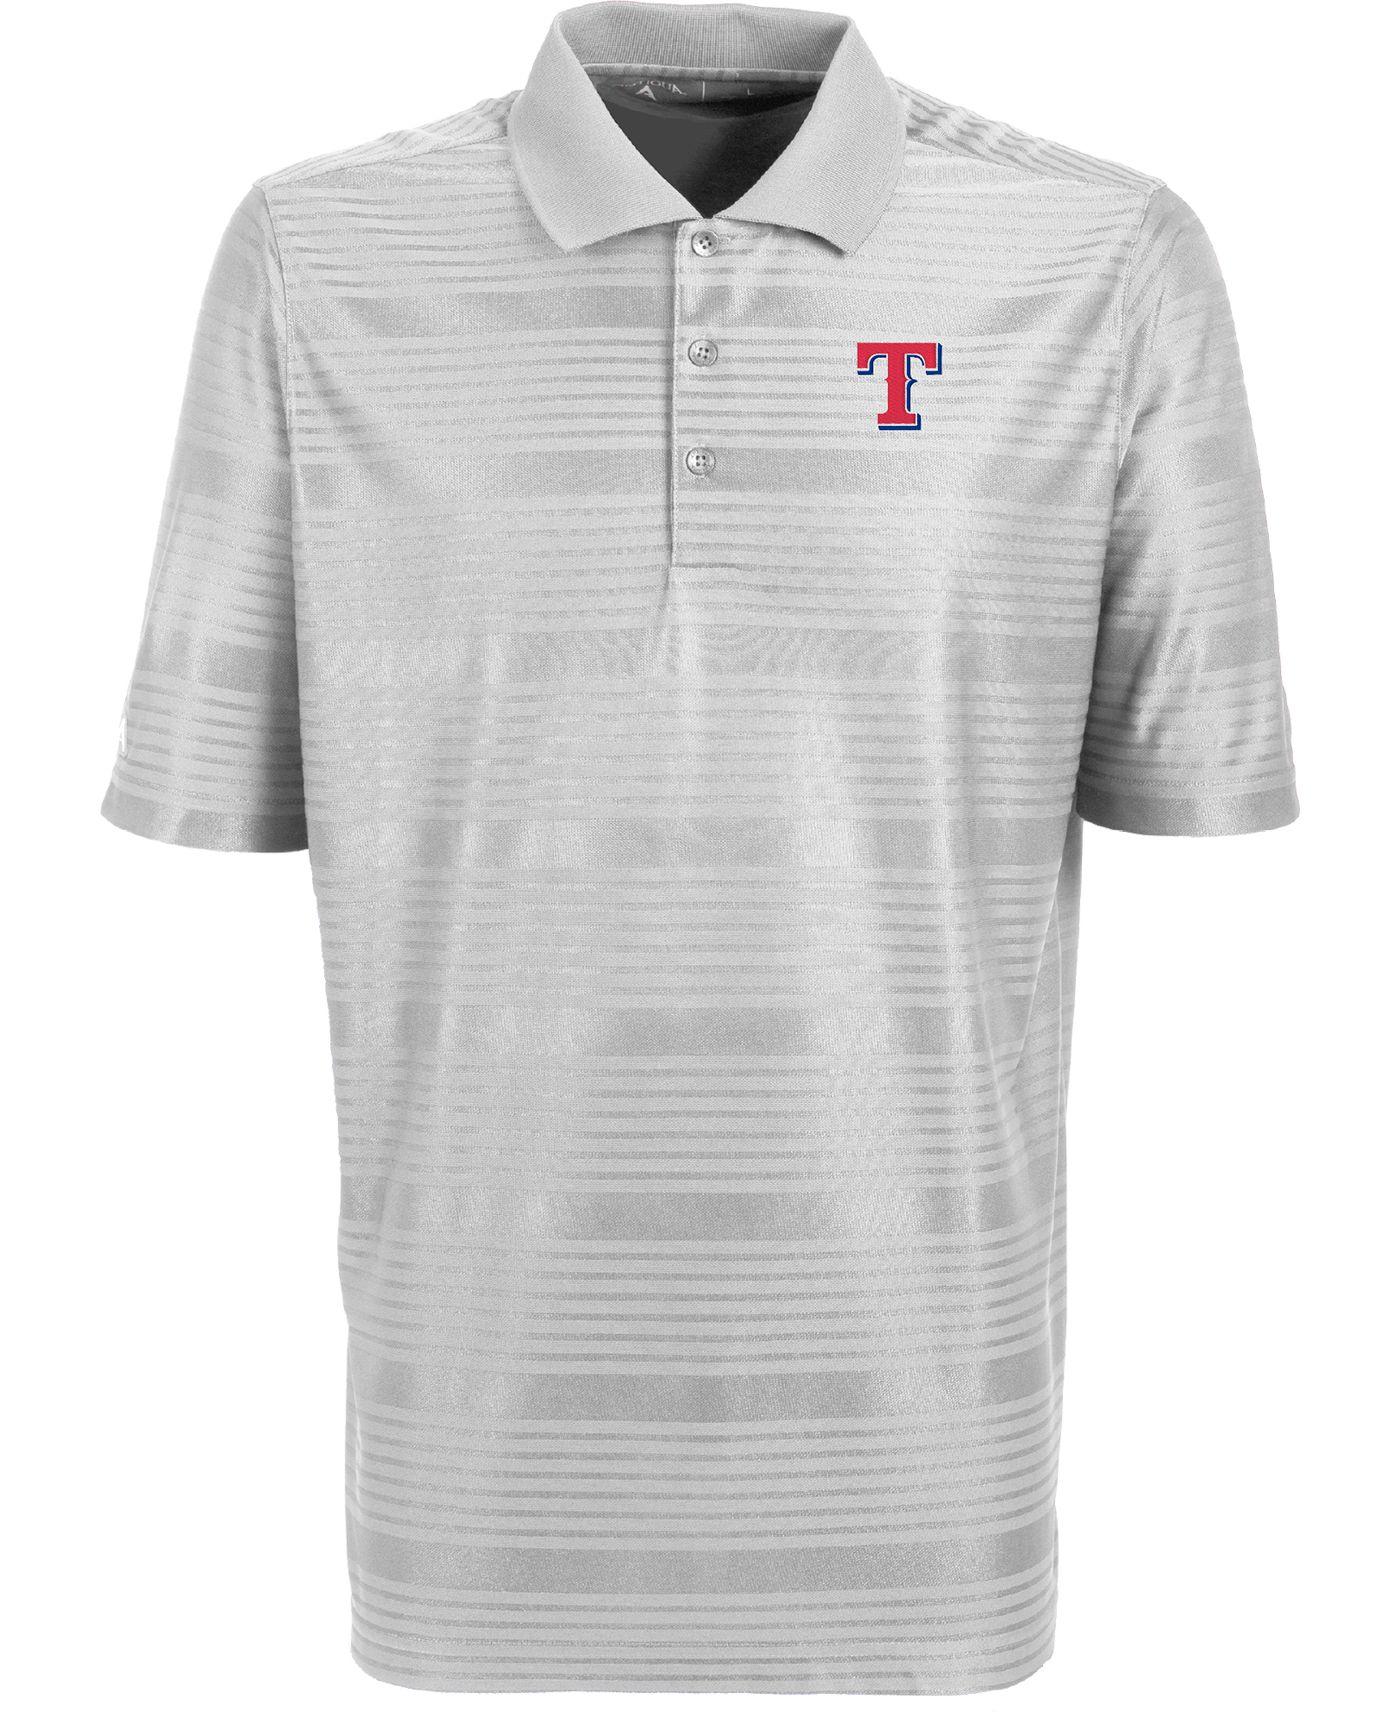 Antigua Men's Texas Rangers Illusion White Striped Performance Polo